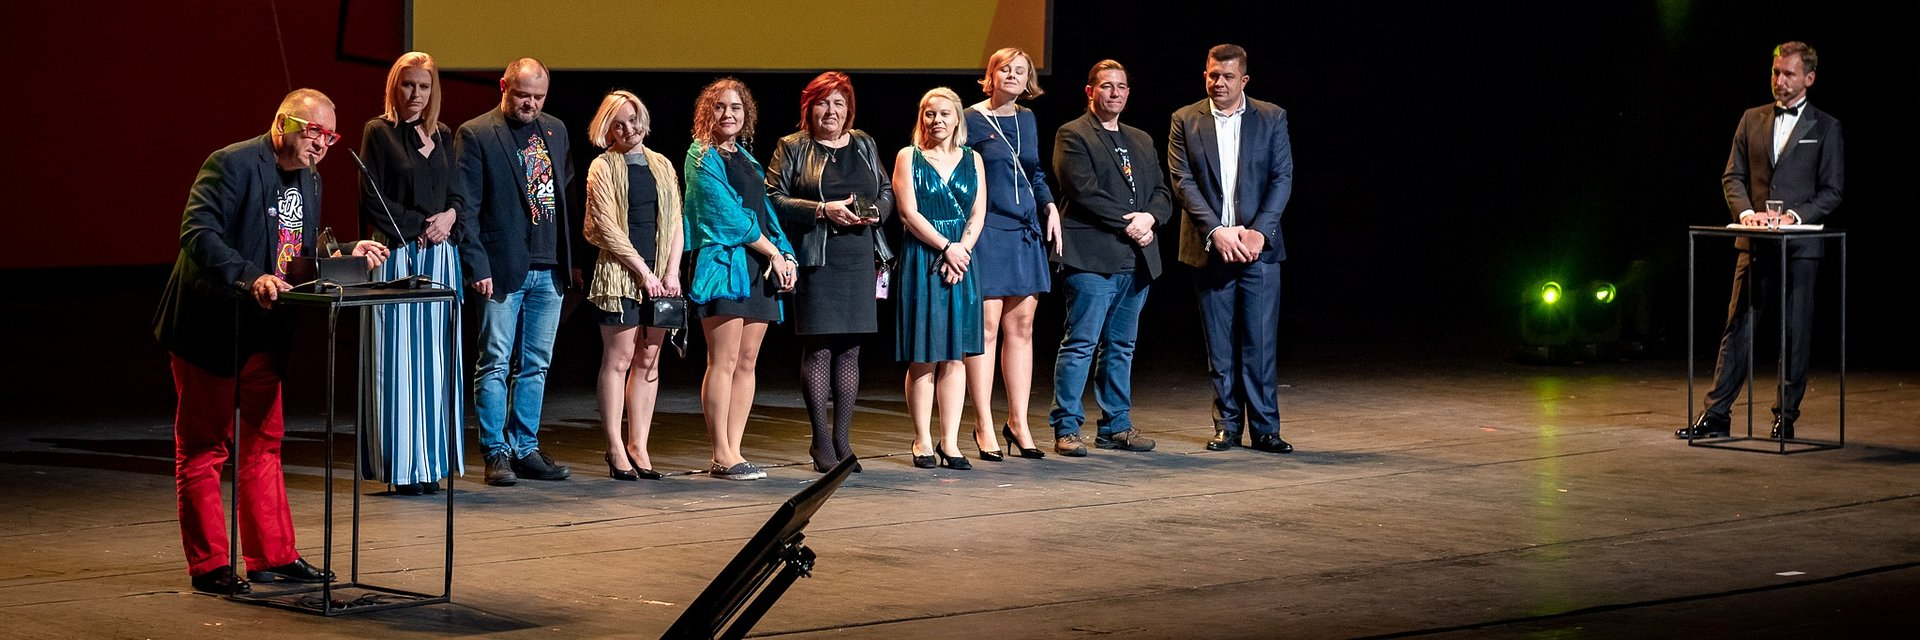 WOŚP podwójnym laureatem prestiżowej nagrody Effie Awards